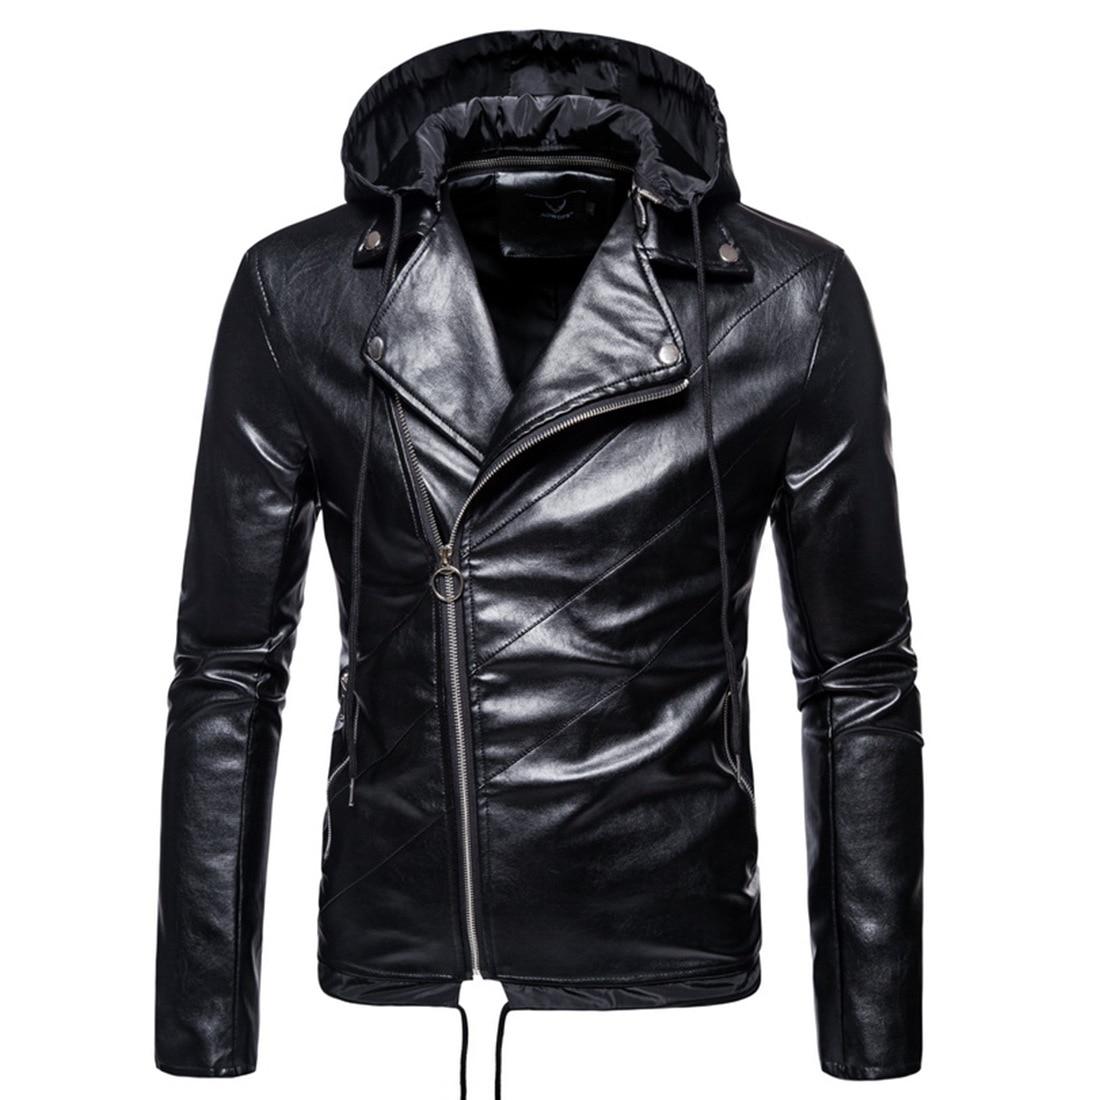 Мужские приталенные кожаные куртки хорошего качества, мужские Куртки из искусственной кожи со съемной шапкой, кожаные куртки и пальто с Диа...